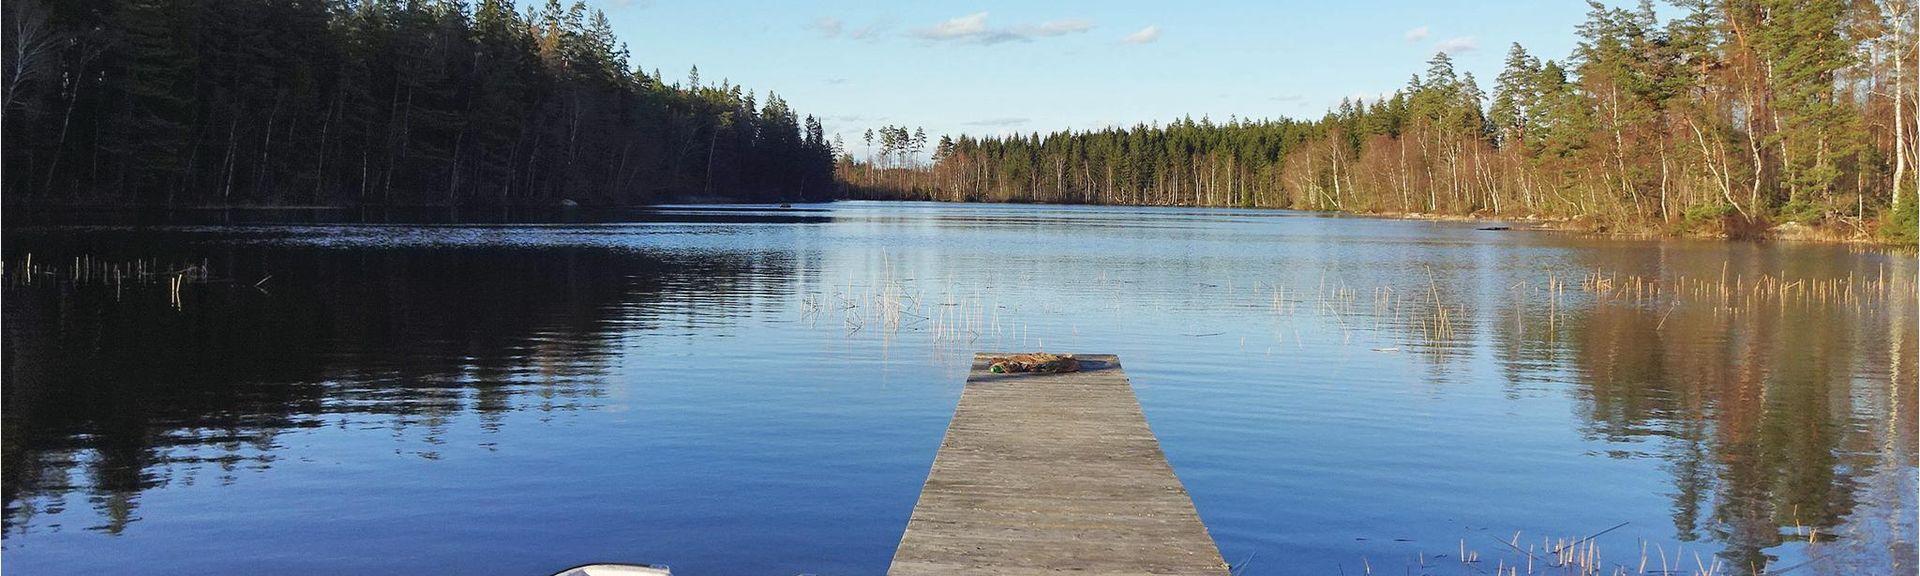 Sibbhult, Sweden